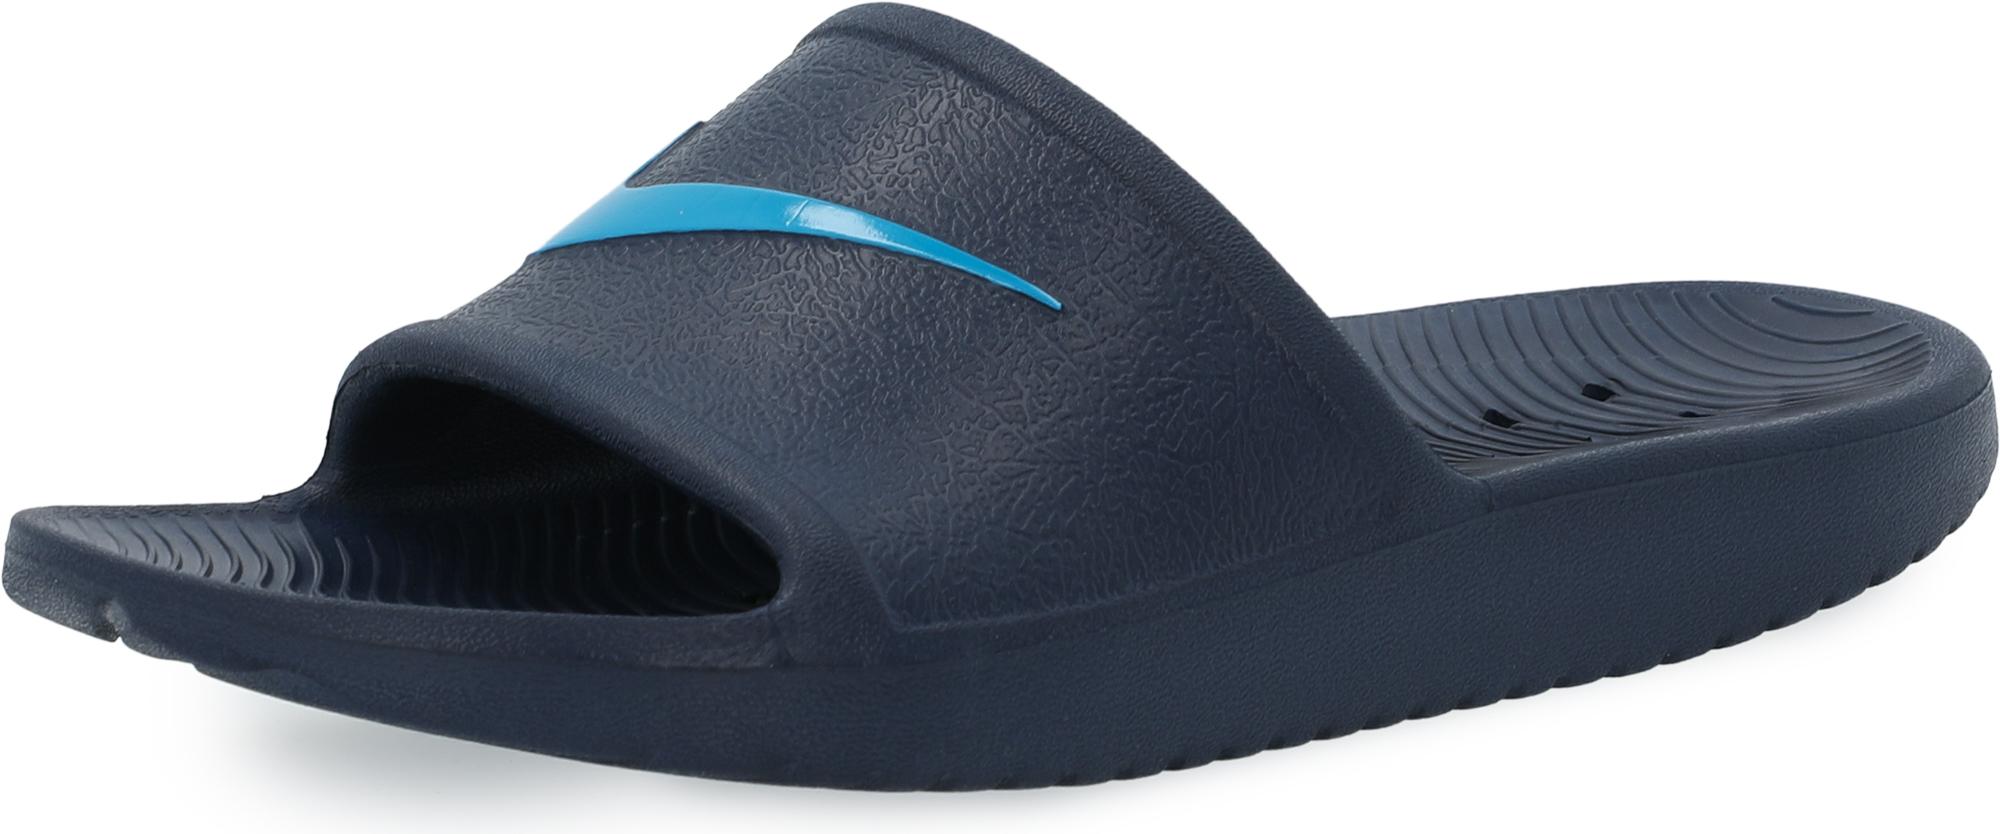 Nike Шлепанцы для мальчиков Nike Kawa Shower, размер 31